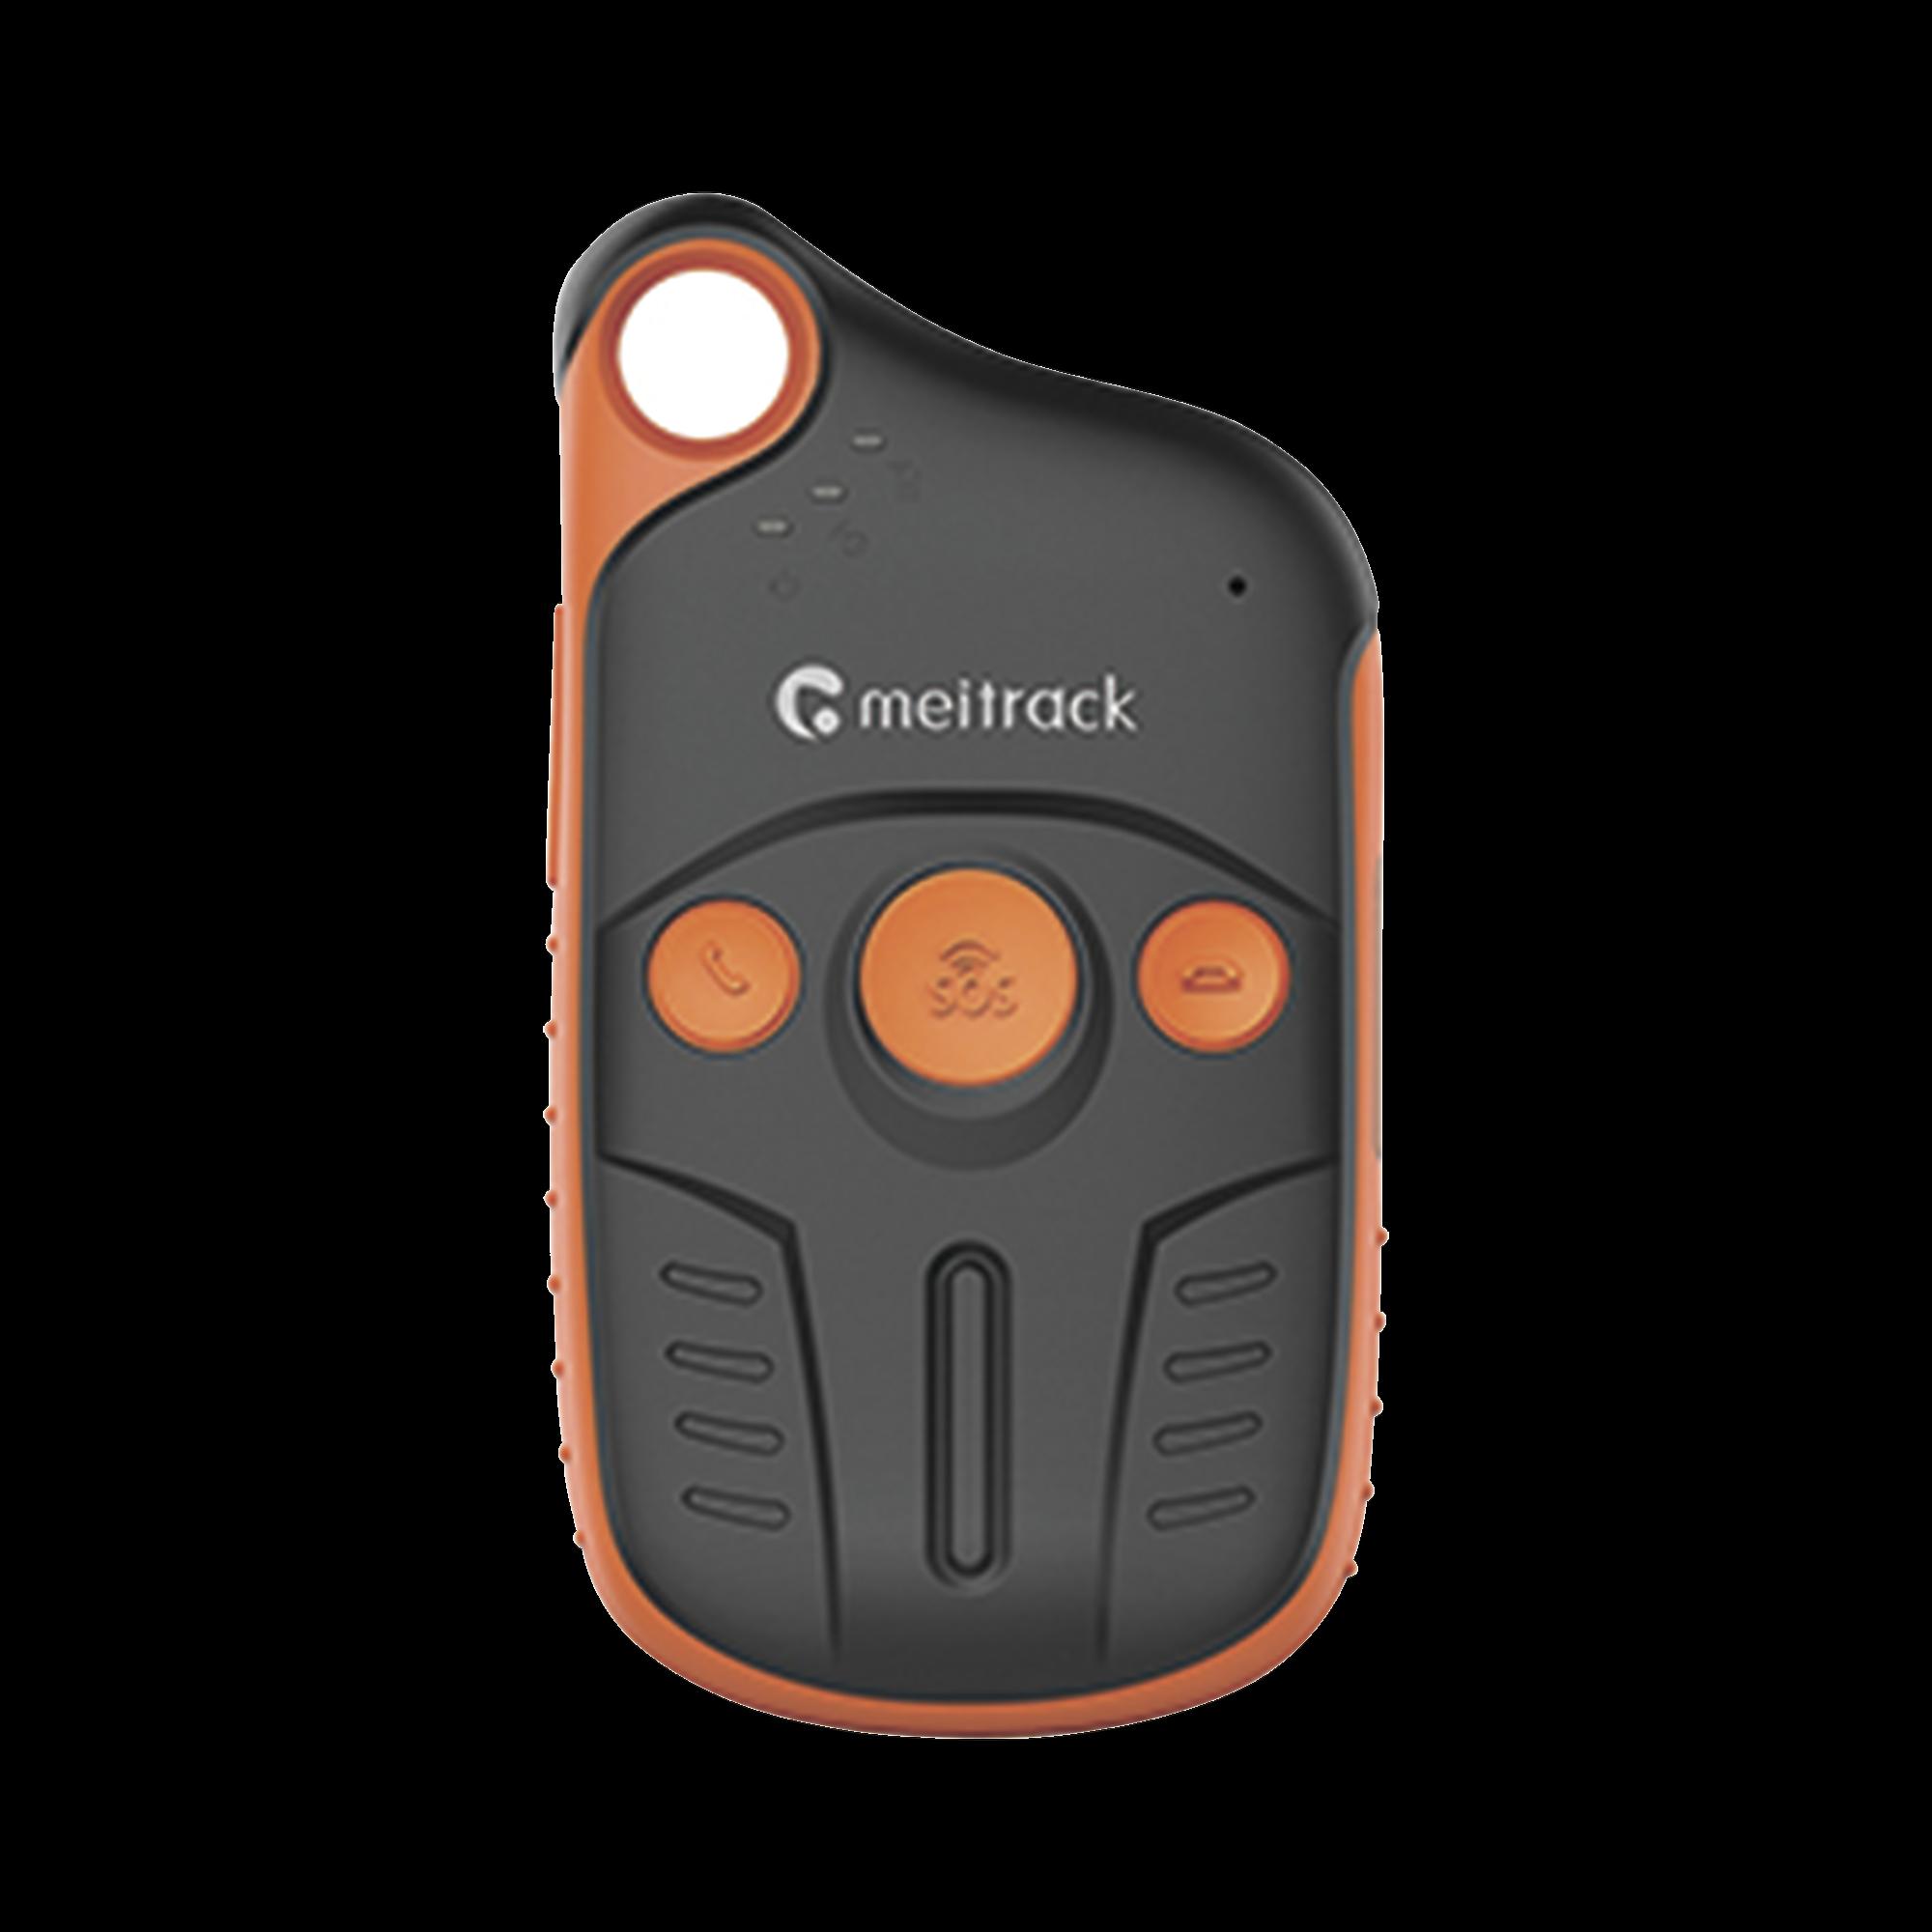 Localizador personal 3G con proteccion IP67